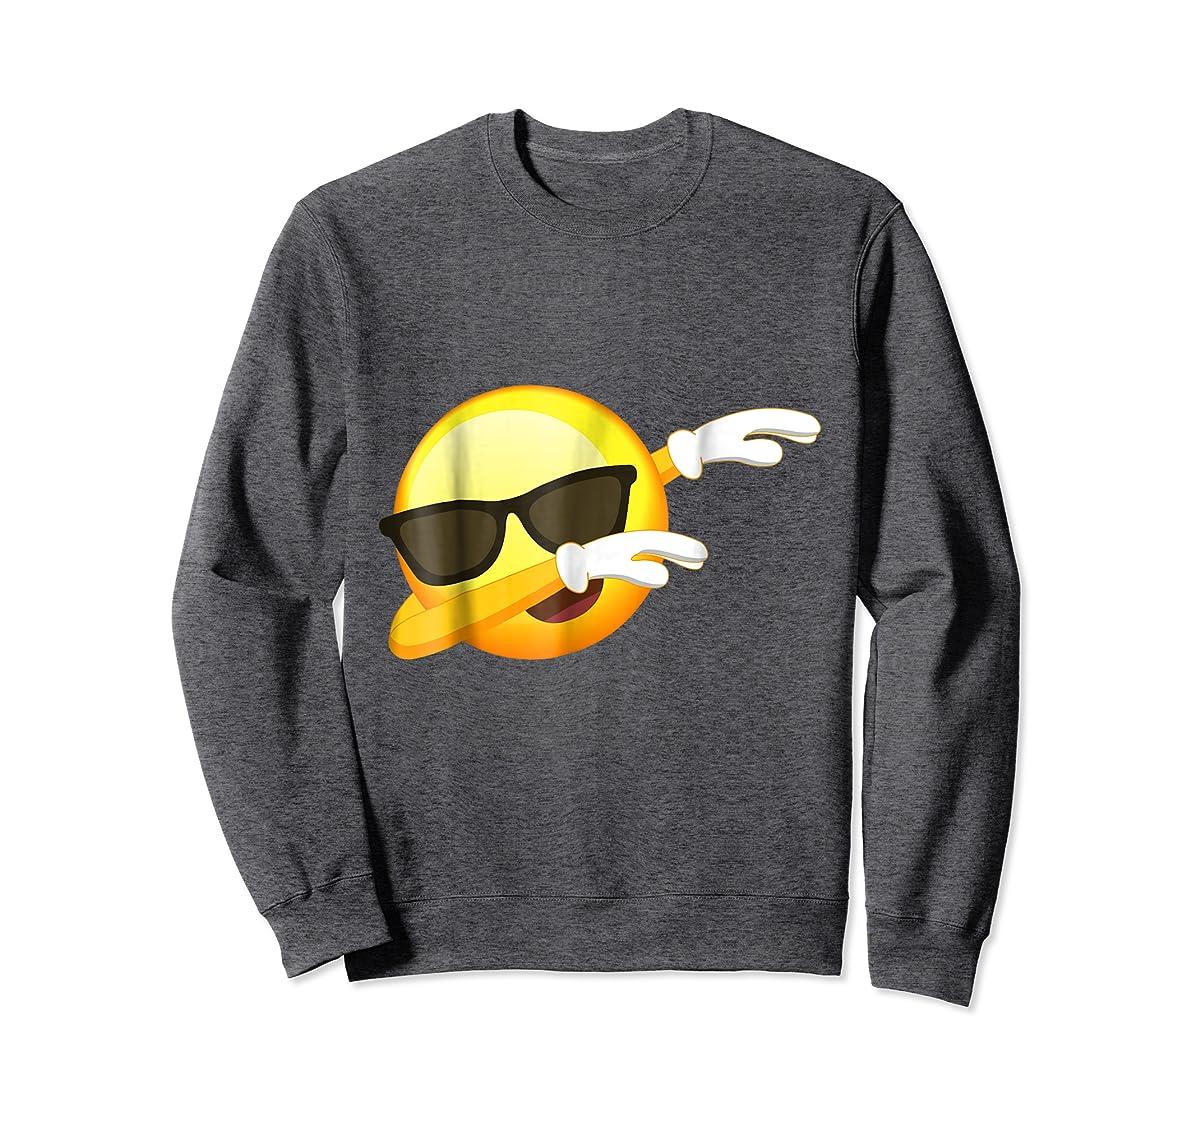 Funny Dabbing Emoji Shirt - Cool Emoji Dab T-Shirt-Sweatshirt-Dark Heather